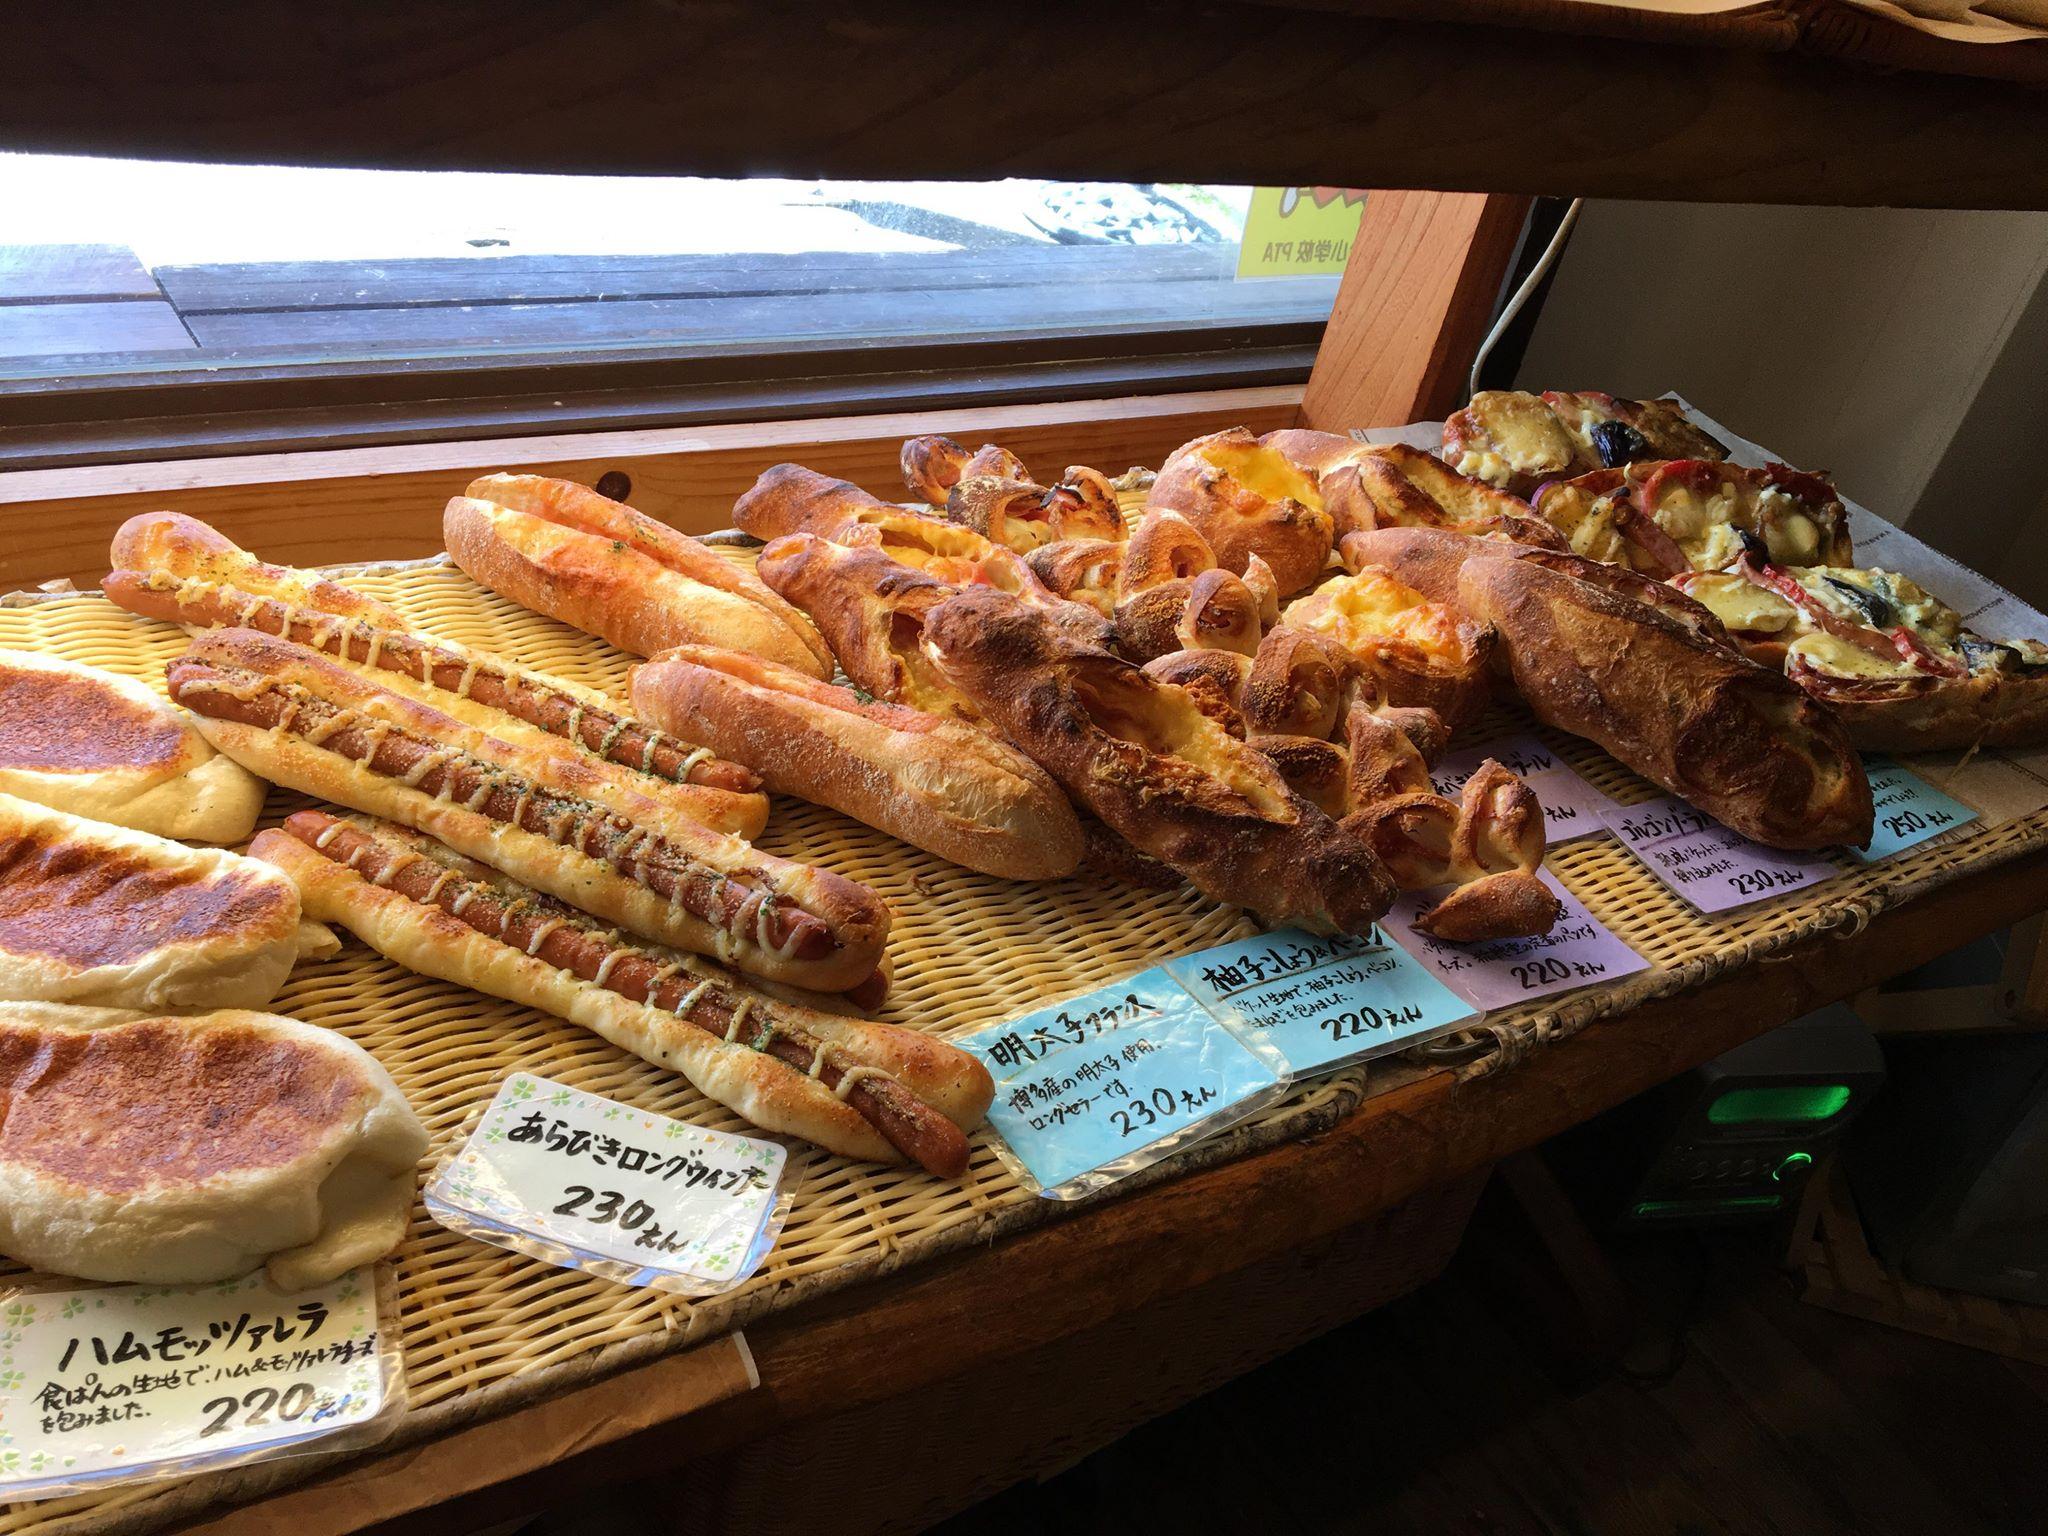 第二回 chari-pan! (チャリ パン!)ライドラリ~ 自転車でパン屋さんを巡ろう!